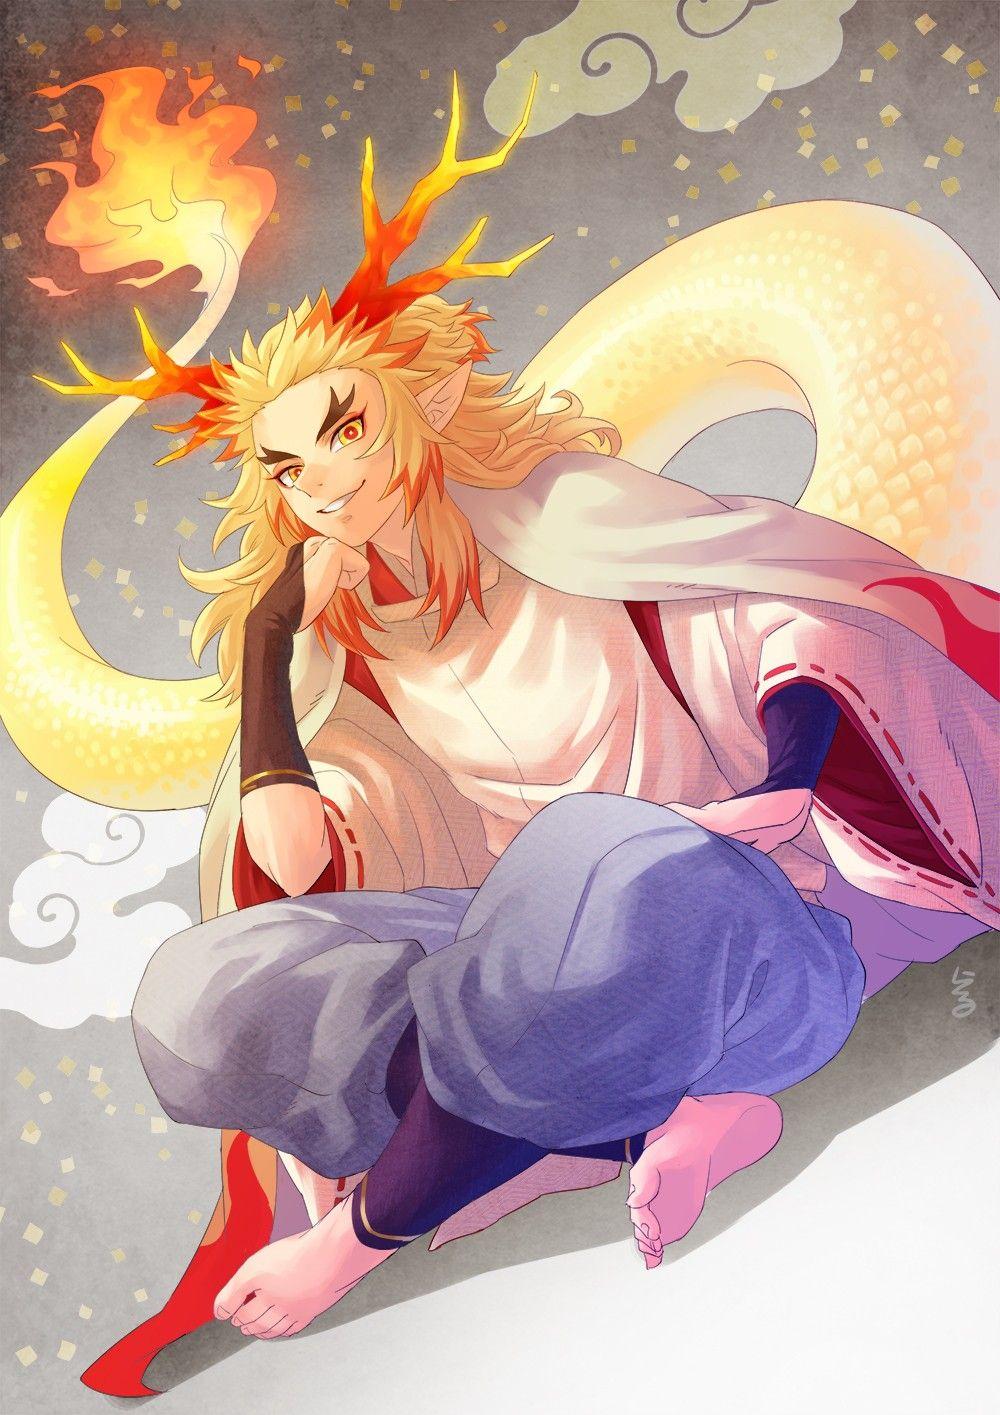 Photo of ♥Kimetsu no Yaiba ♥Demon Slayer: Kimetsu No Yaiba ♥Demon Slayer ♥鬼滅の刃 ♥鬼灭之刃 ♥ anime